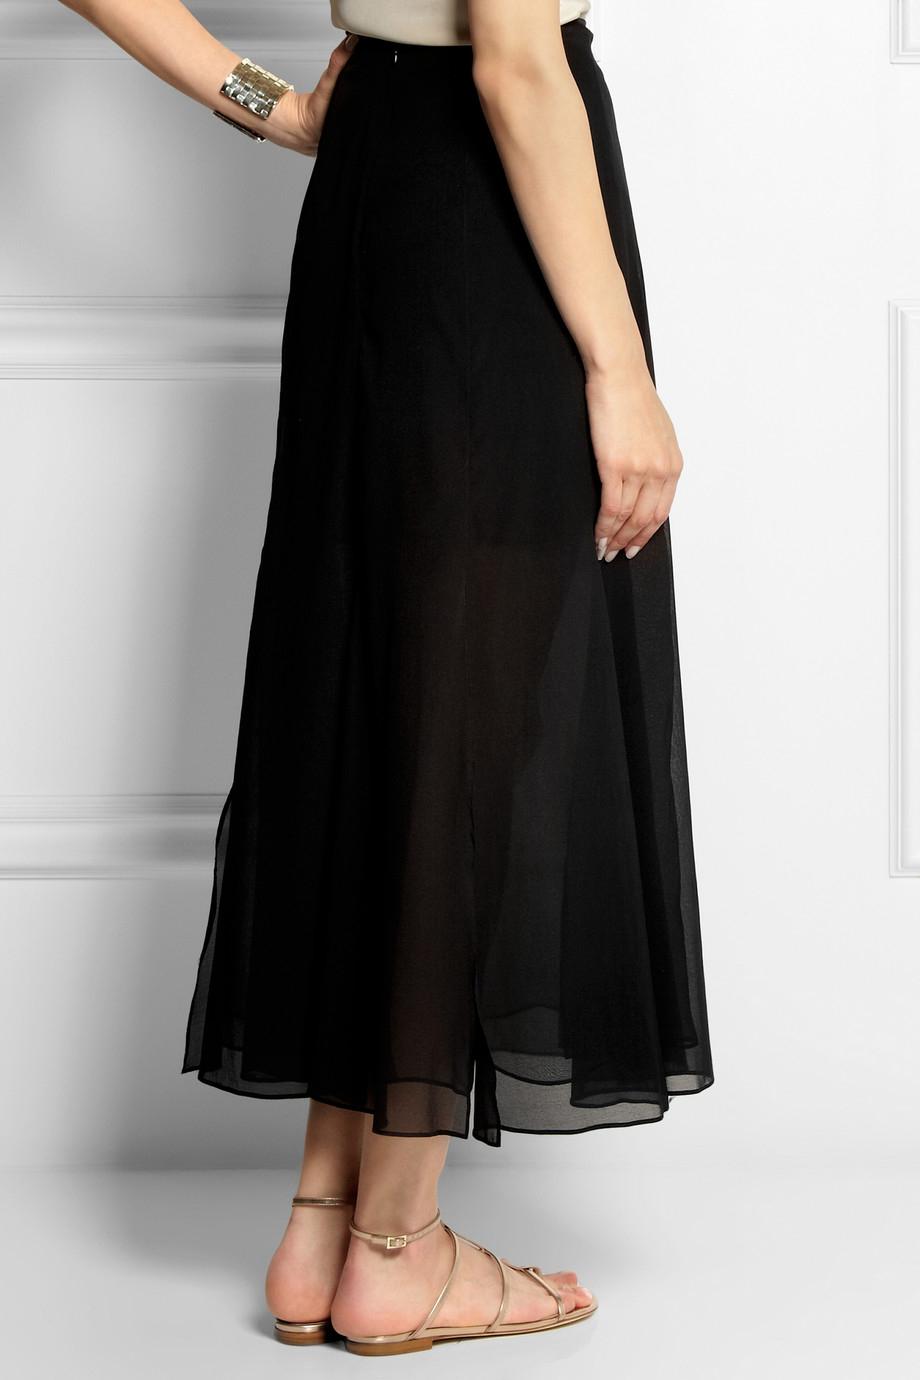 Theory Swind Stretch-Silk Chiffon Midi Skirt in Black | Lyst